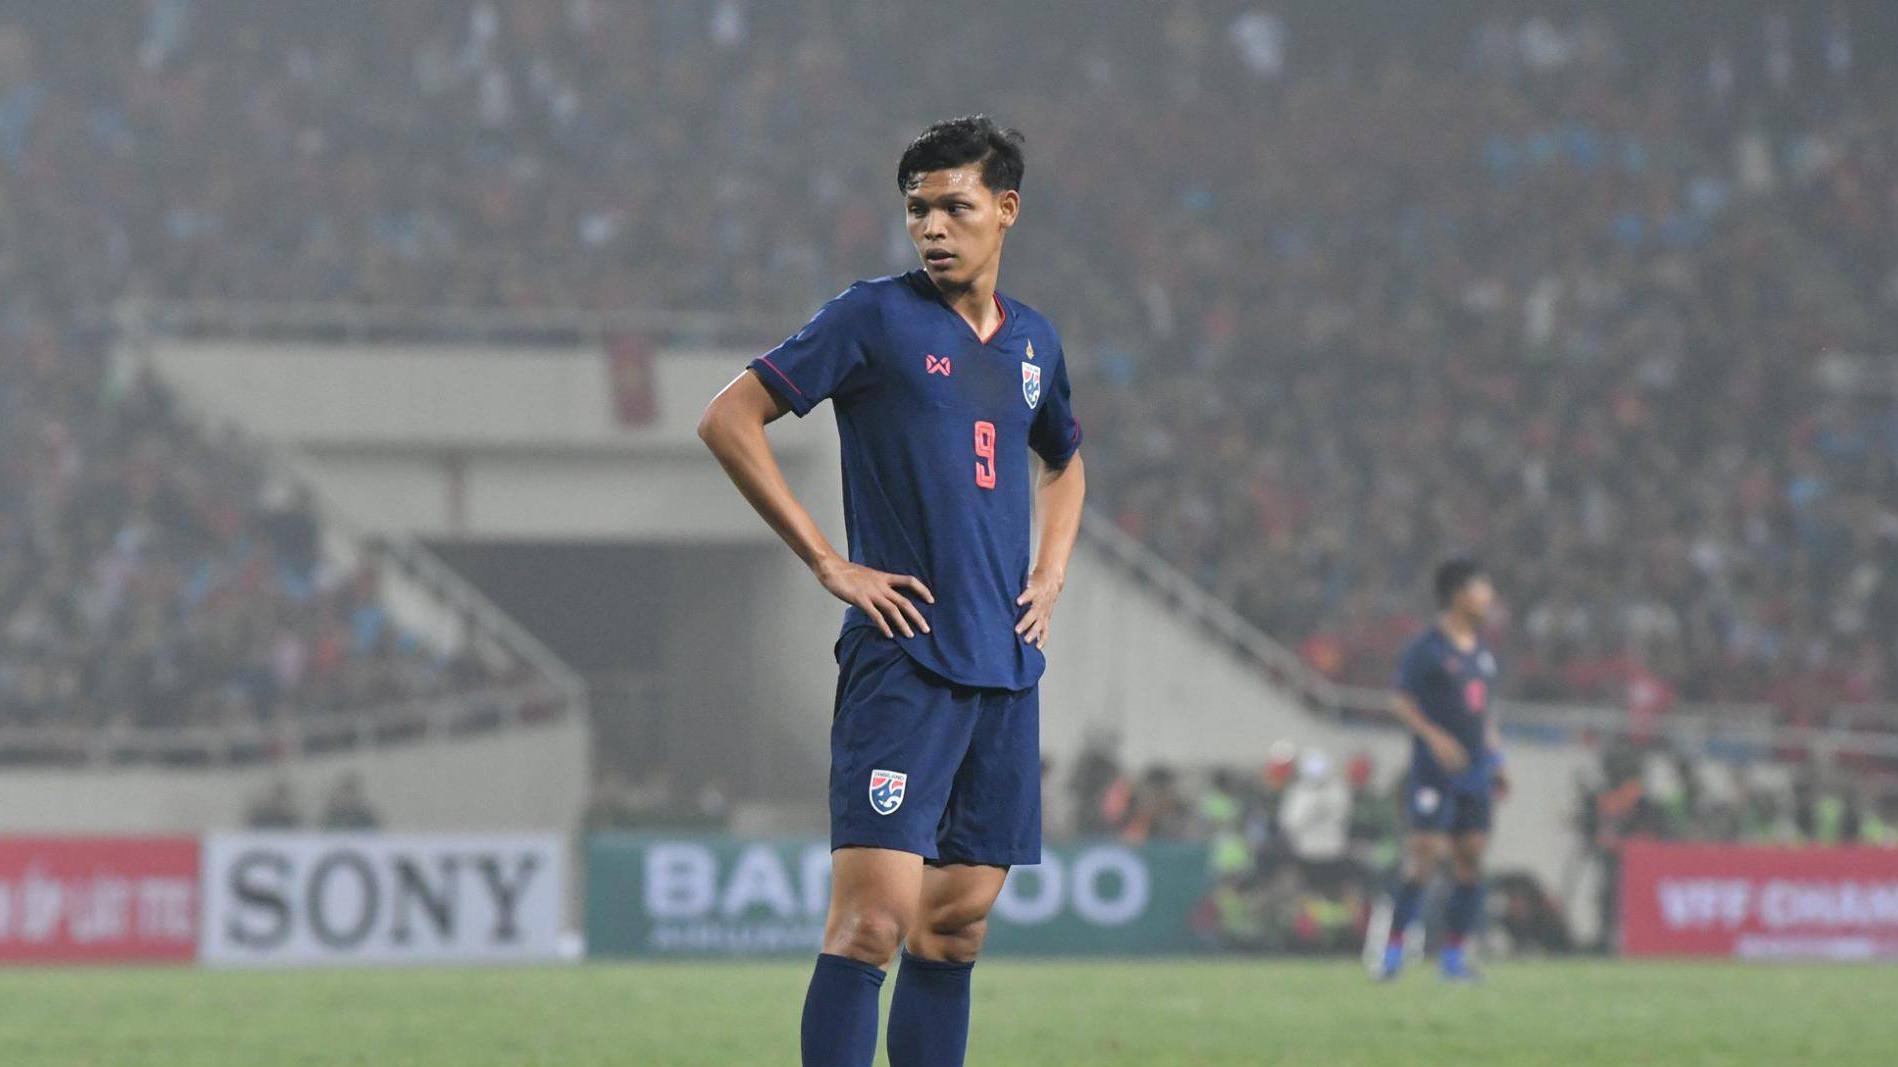 ชิงแชมป์เอเชีย U23 ทีมชาติไทย U23 บุรีรัมย์ ยูไนเต็ด ศุภชัย ใจเด็ด สมาพันธ์ฟุตบอลแห่งเอเชีย เอเอฟซี